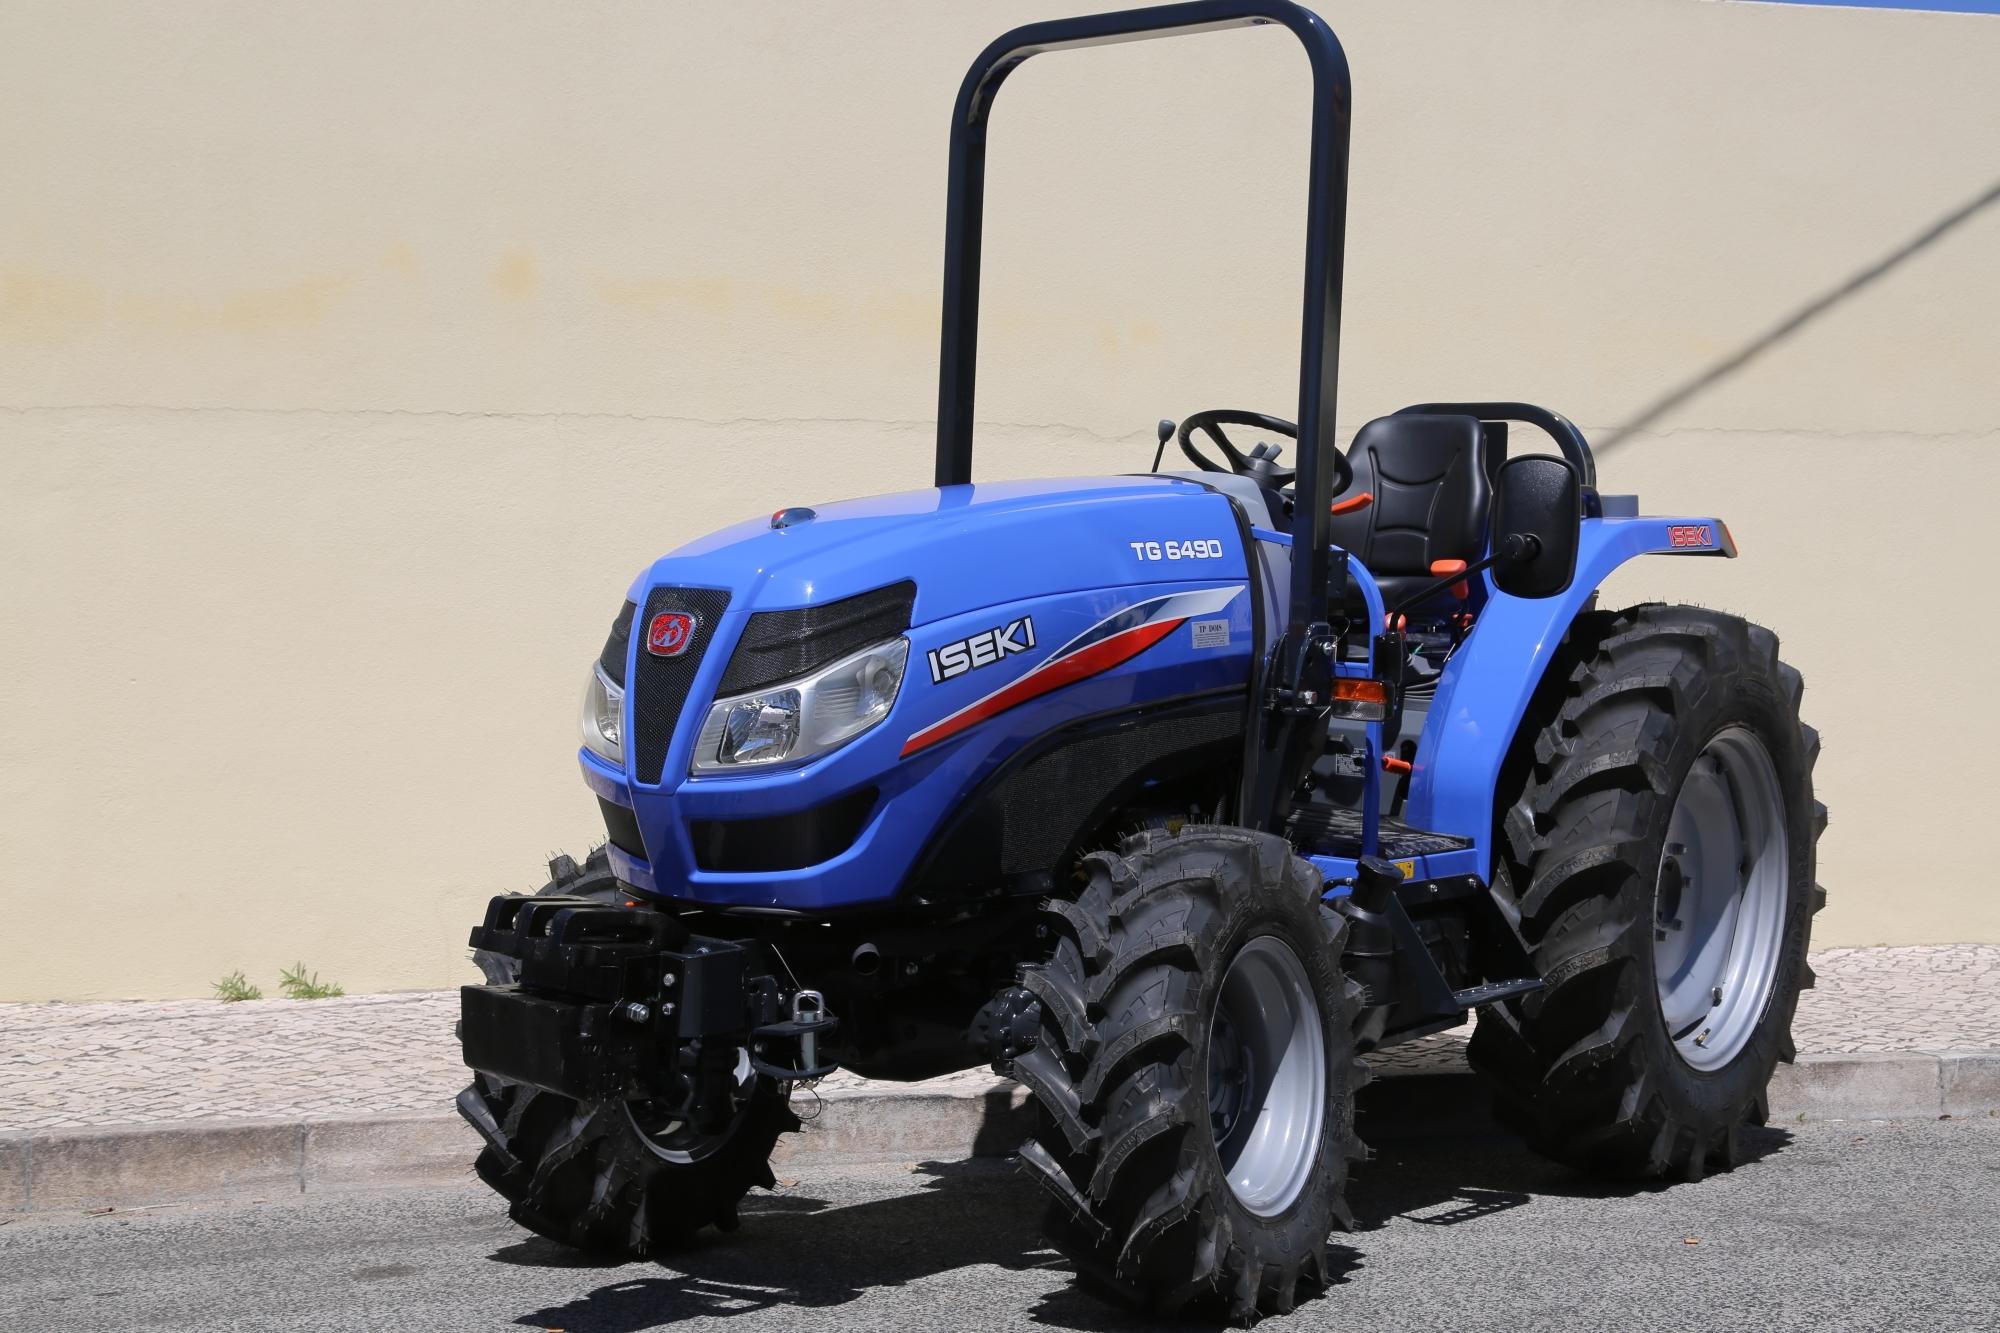 kompaktni-malotraktor-iseki-tg-6490-agl-0